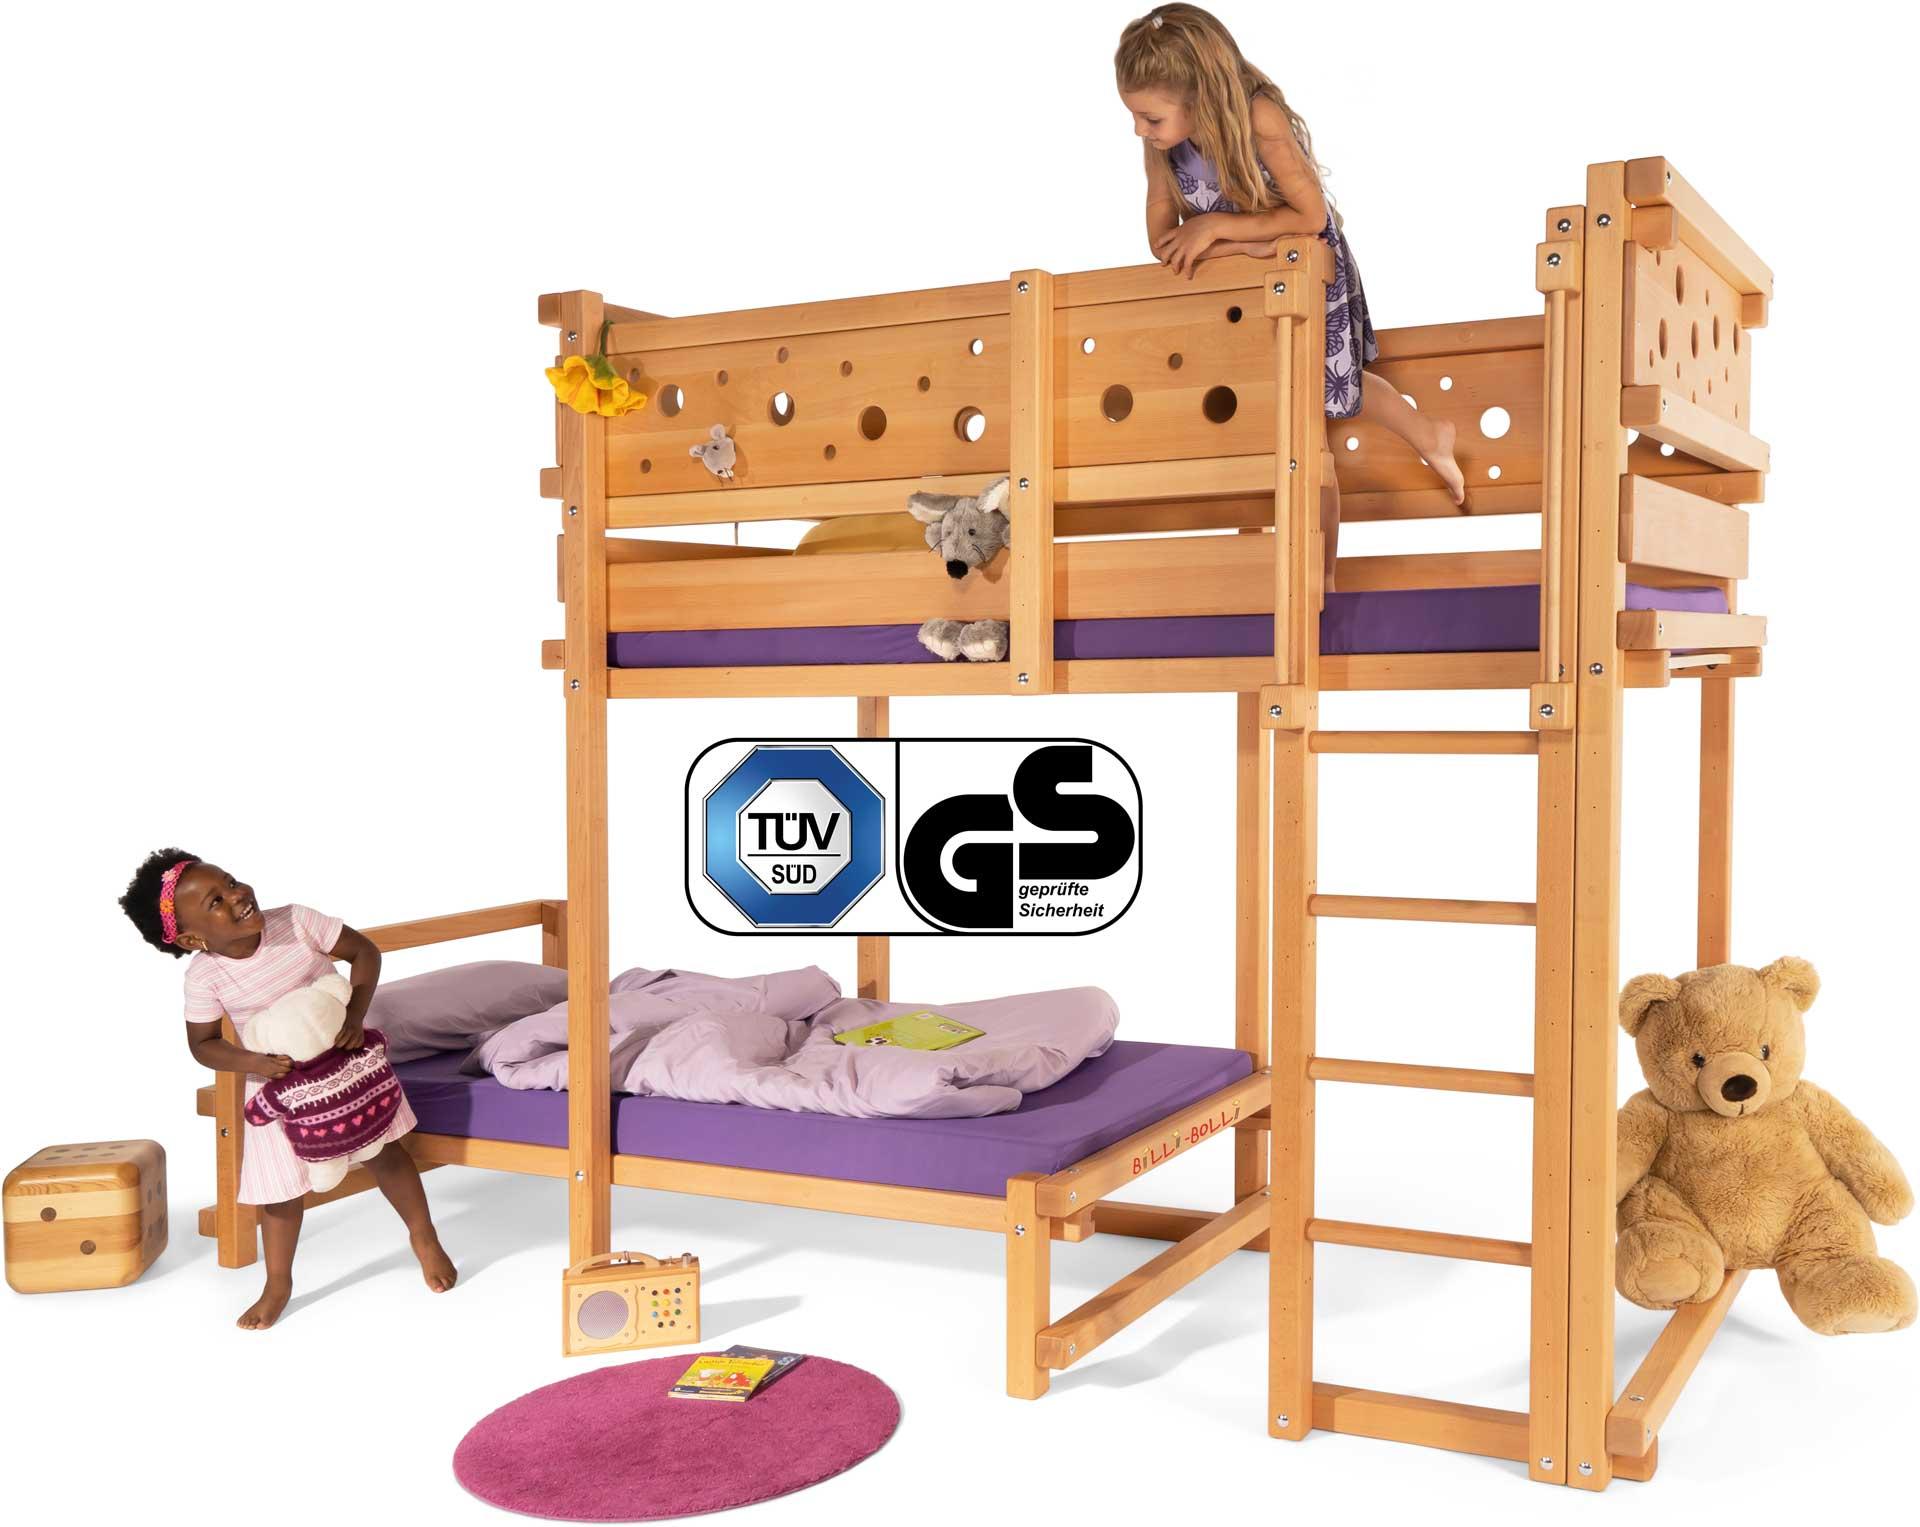 Buy A Slide For Bunk Bed